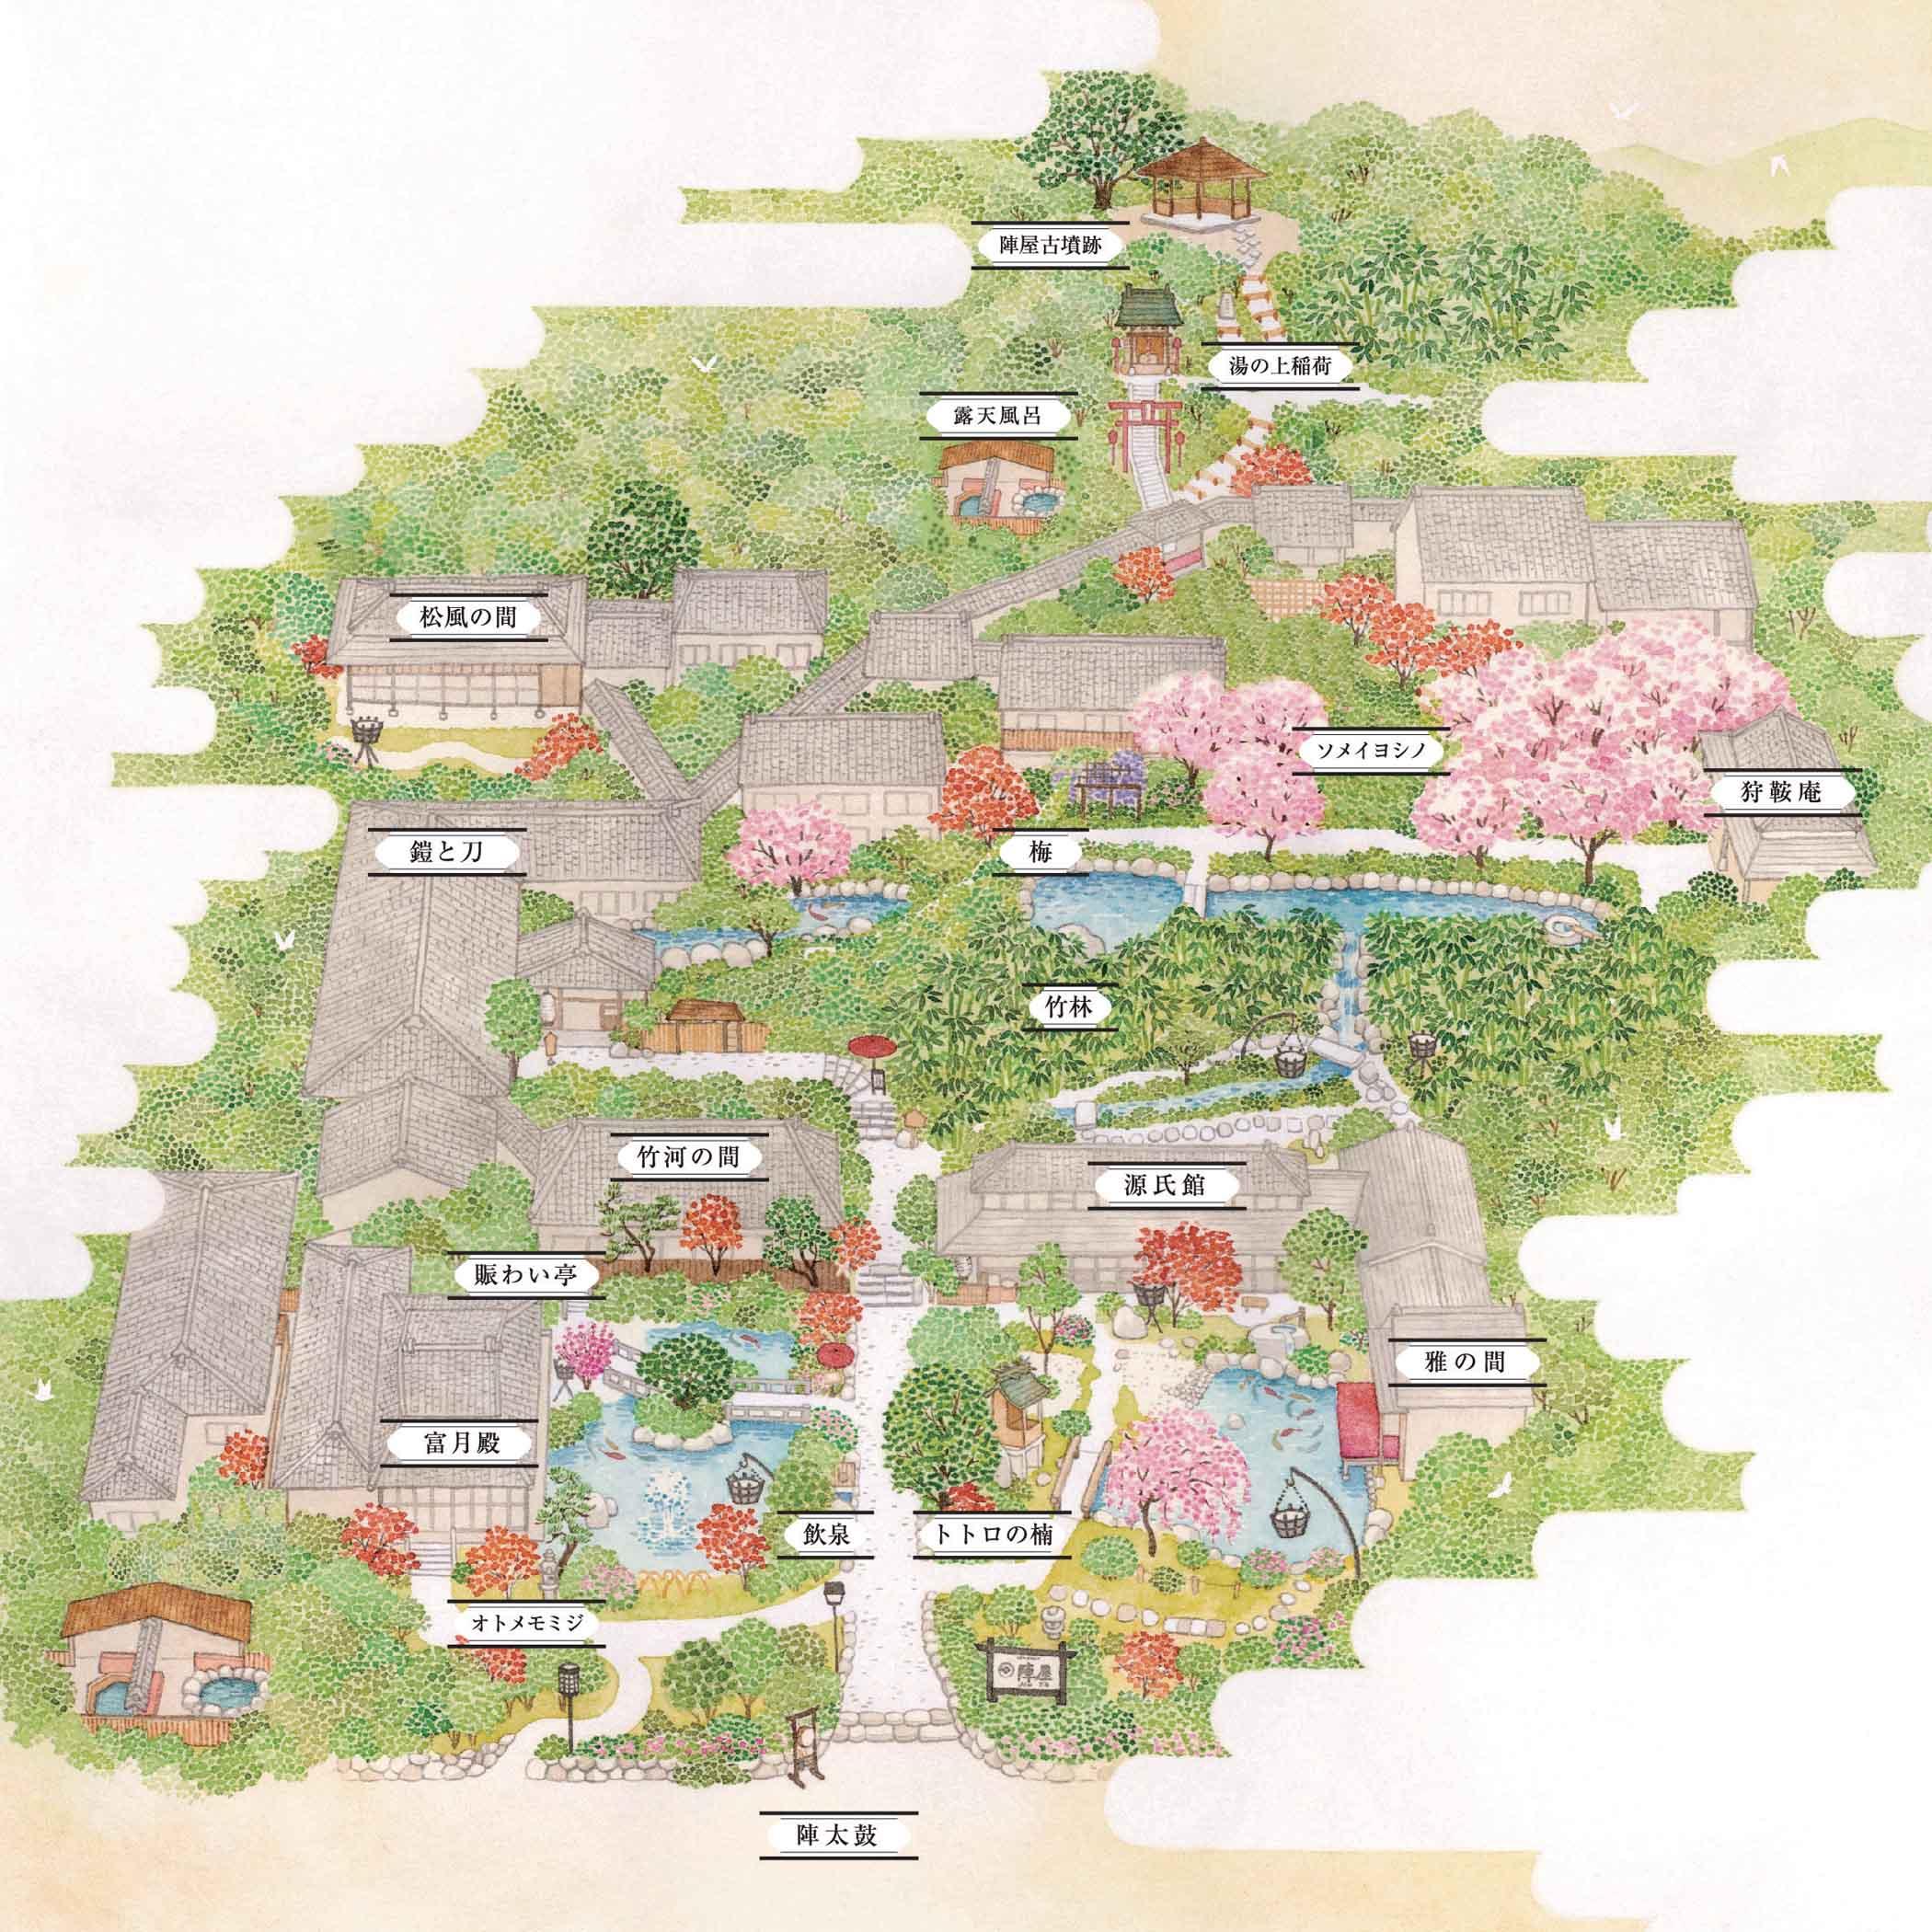 1万坪の庭園